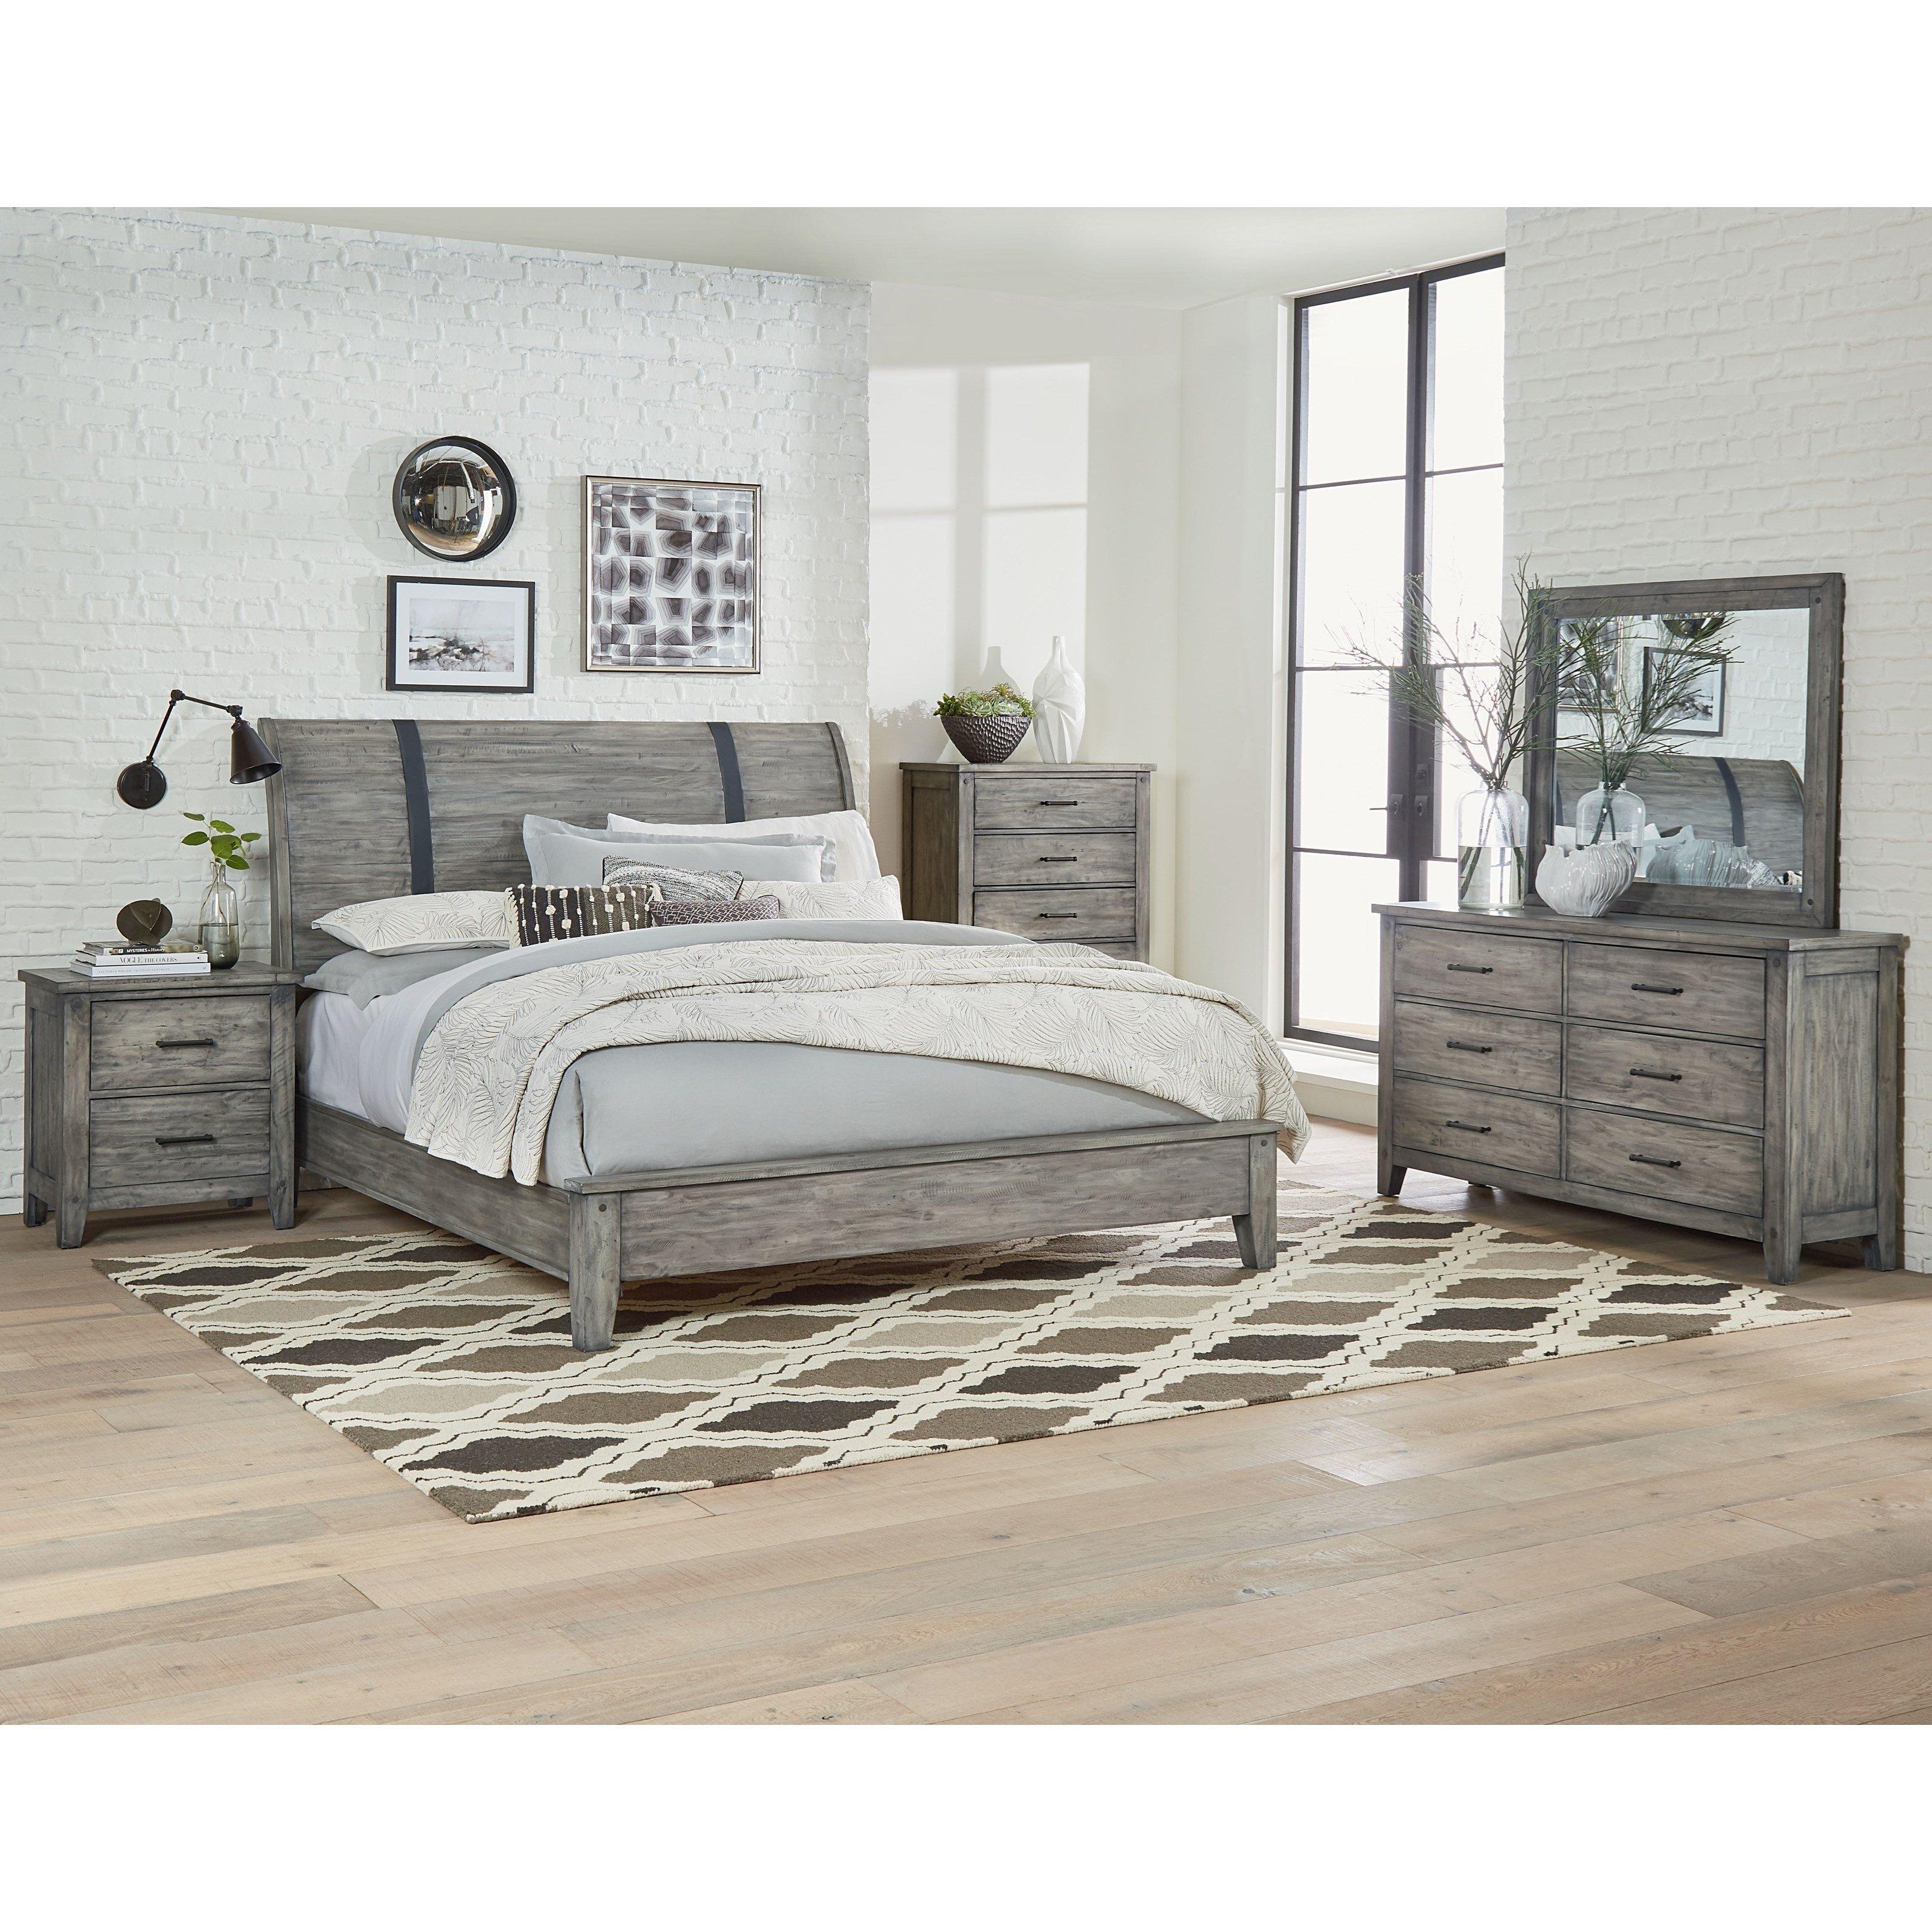 Mirrored Headboard Bedroom Set Unique Standard Furniture Nelson Queen Bedroom Group